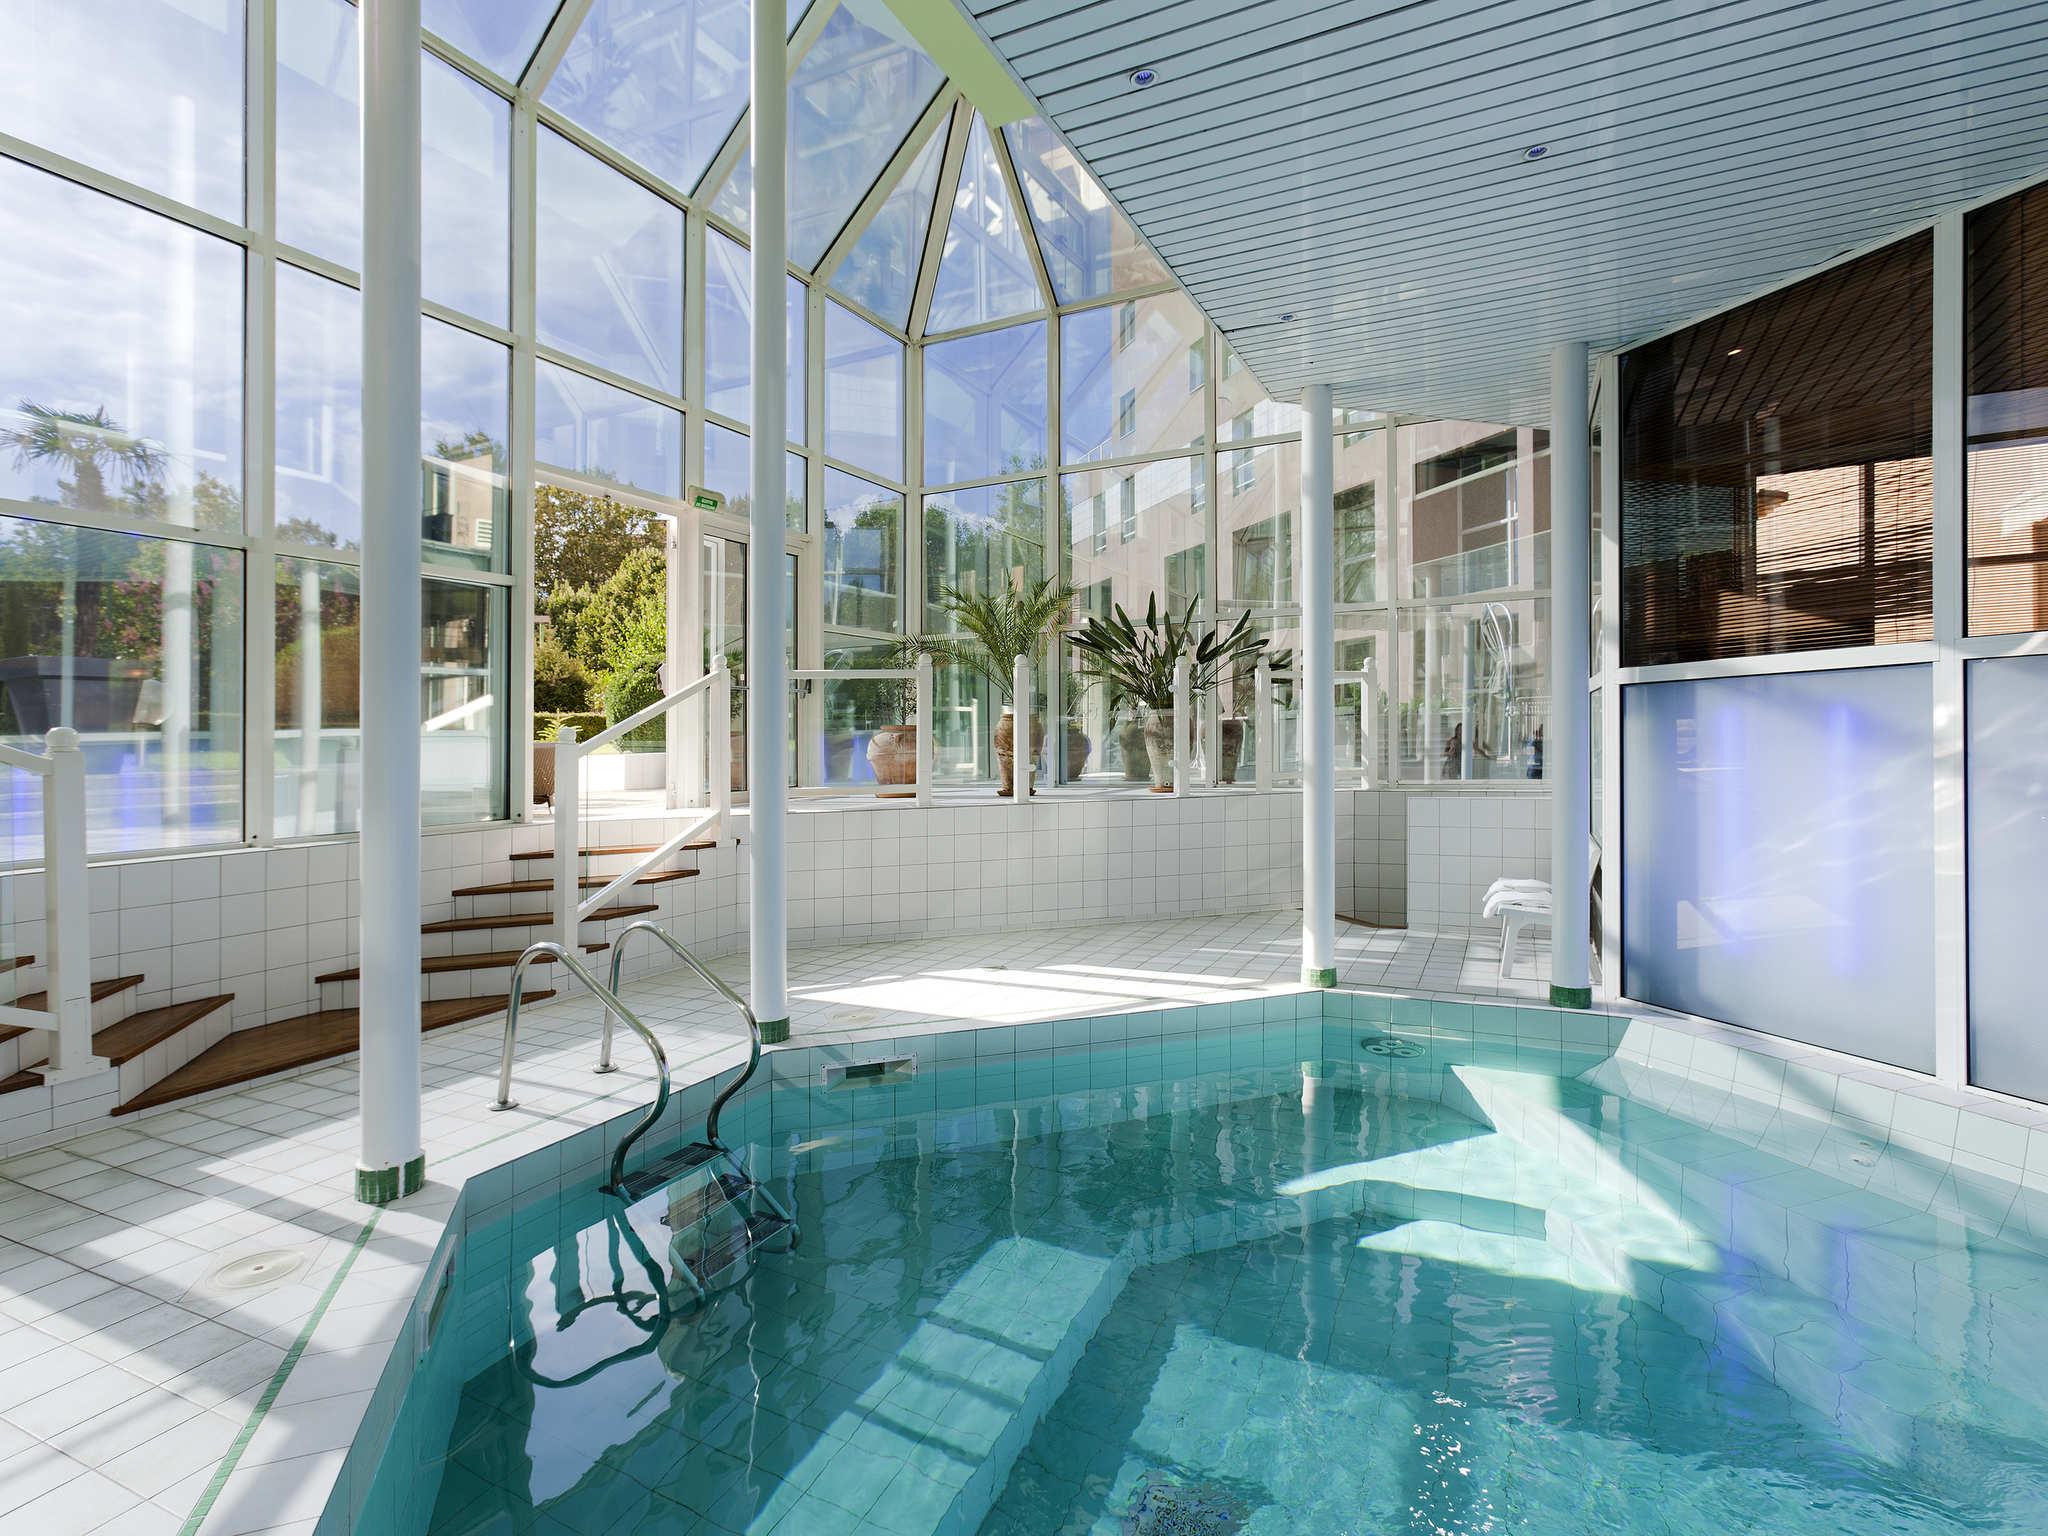 Hotel - Mercure Grenoble Centre Président hotel